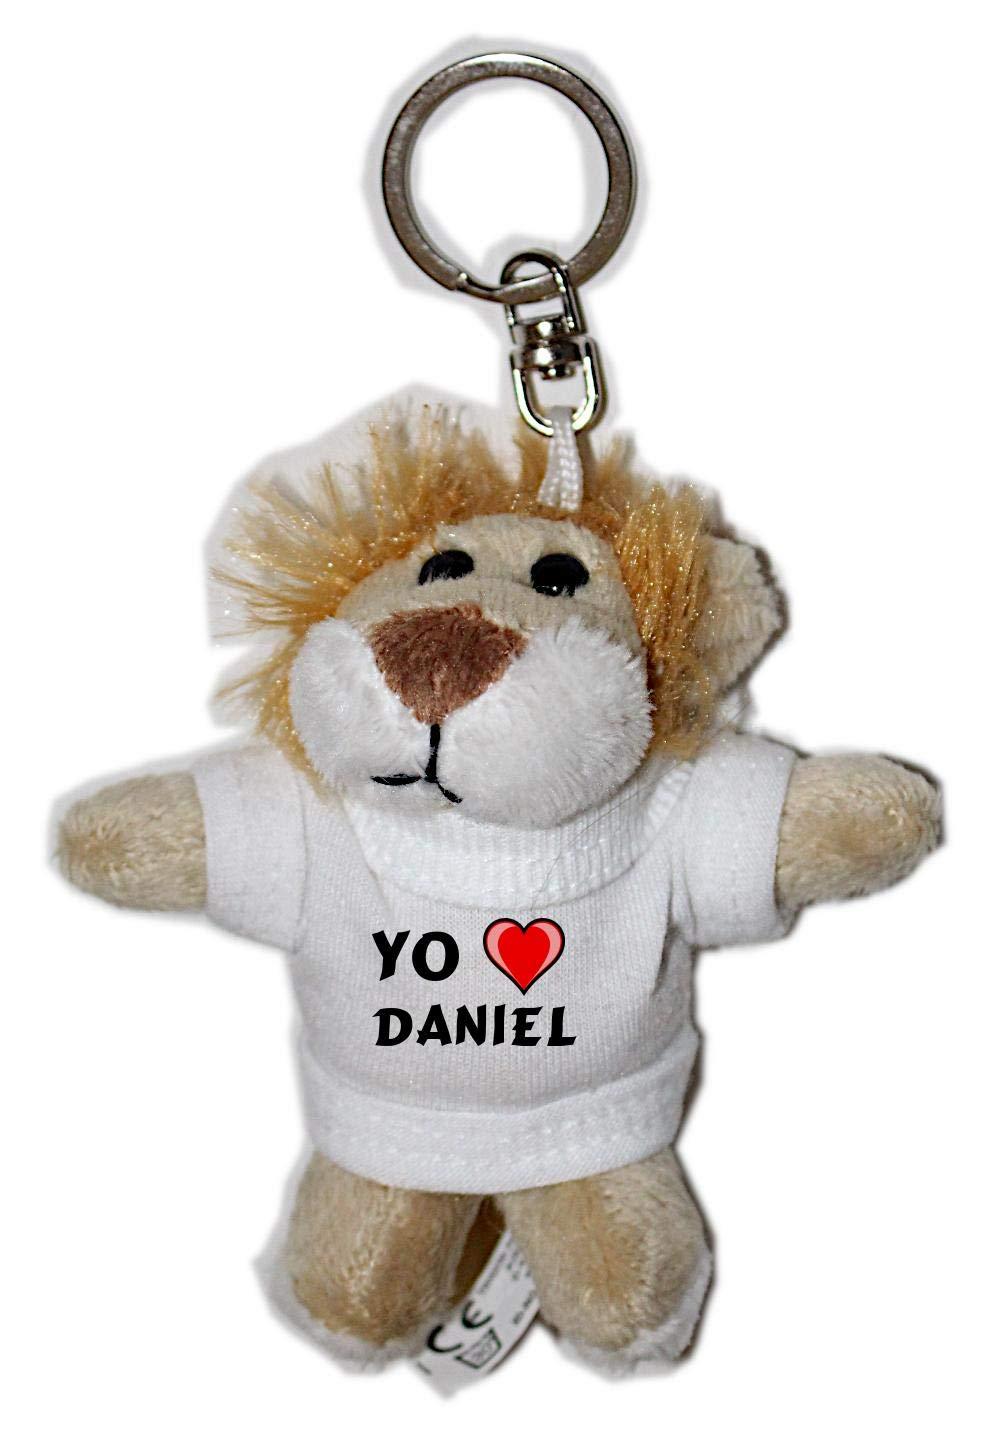 León de peluche (llavero) con Amo Daniel en la camiseta ...